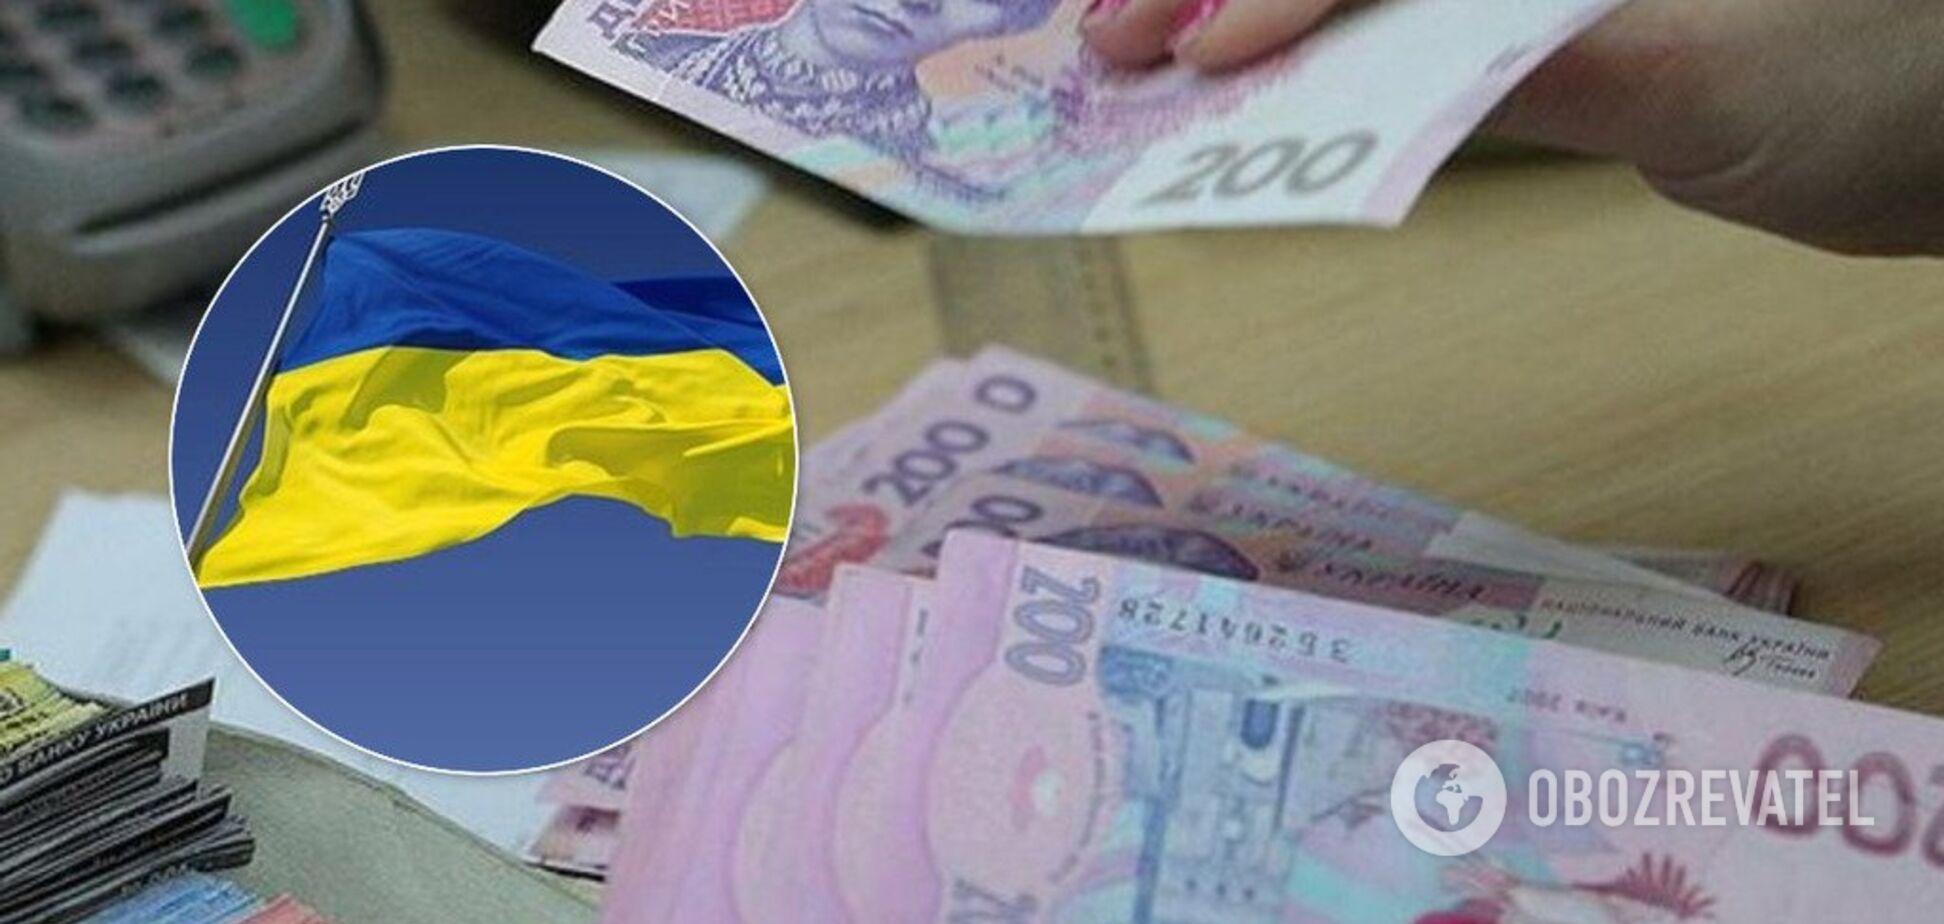 Українцям хочуть різко підвищити прожитковий мінімум: що придумали 'слуги'